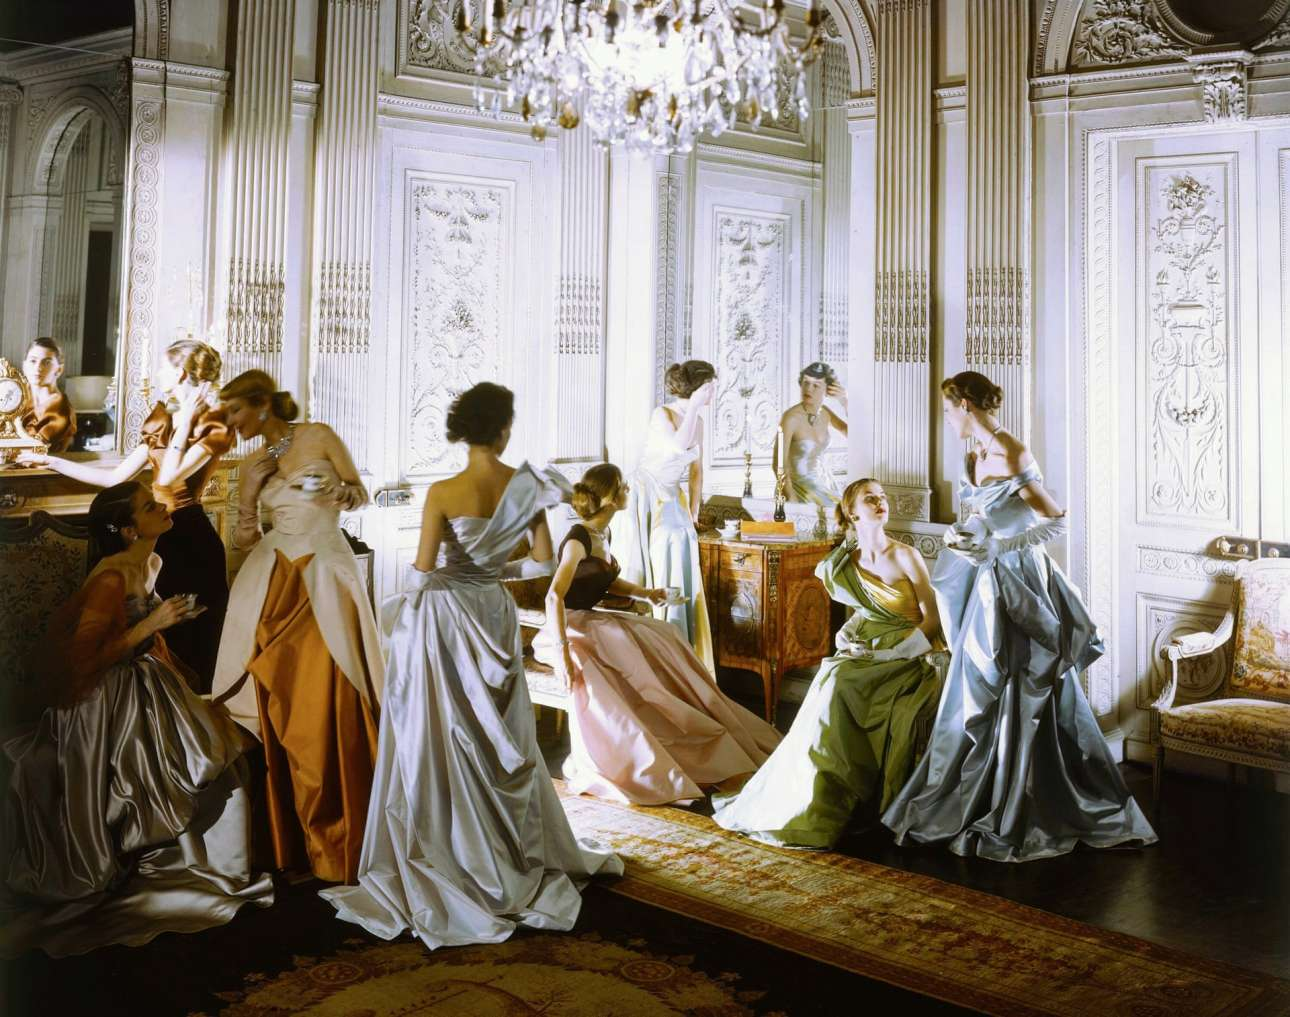 Νέα Υόρκη, 1948: Μία φωτογραφία πραγματικό έργο τέχνης του Σέσιλ Μπίτον, για τα φορέματα του σχεδιαστή Charles James. «Να είστε τολμηροί, να είστε διαφορετικοί, μη πρακτικοί. Να είστε οτιδήποτε θα επιβάλλει την ακεραιότητα του σκοπού και όραμα με φαντασία ενάντια σε όσους πηγαίνουν εκ του ασφαλούς», συμβουλεύει ο θρυλικός βρετανός φωτογράφος